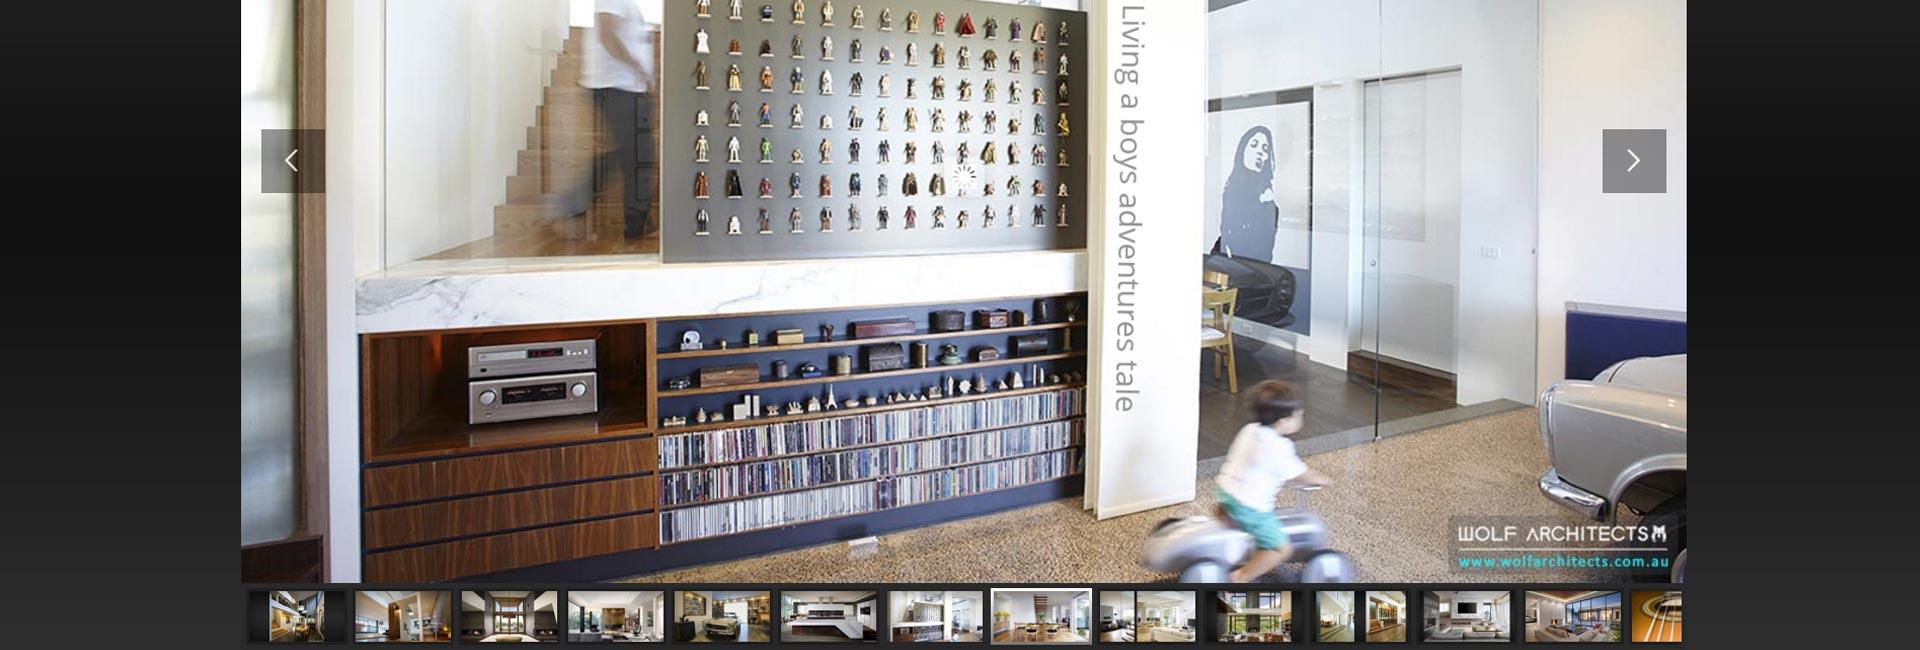 headerslider-melbourne-architects-interior-design